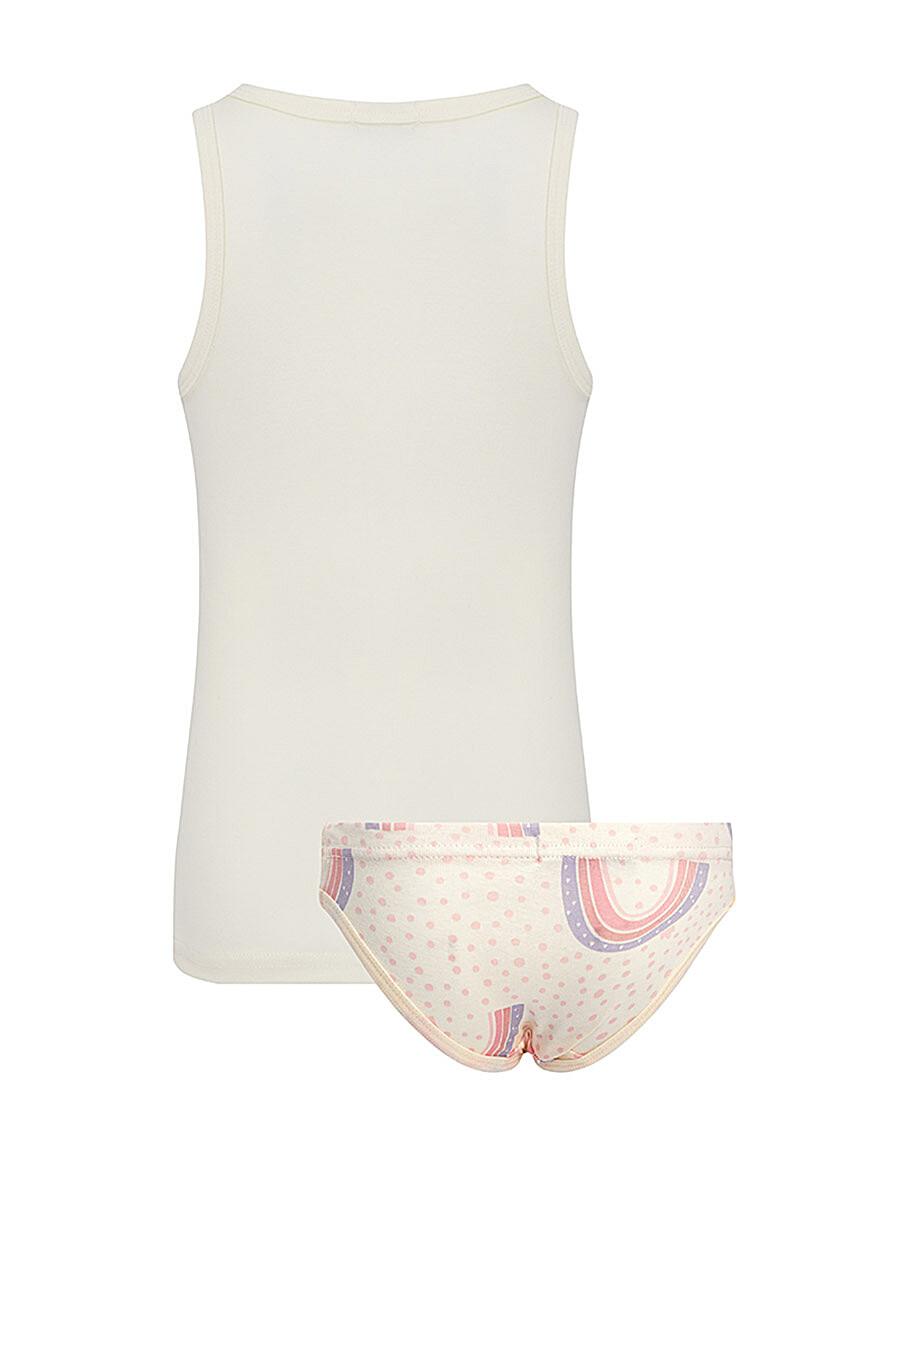 Комплект (Майка+Трусы) для девочек ROXY FOXY 707307 купить оптом от производителя. Совместная покупка детской одежды в OptMoyo